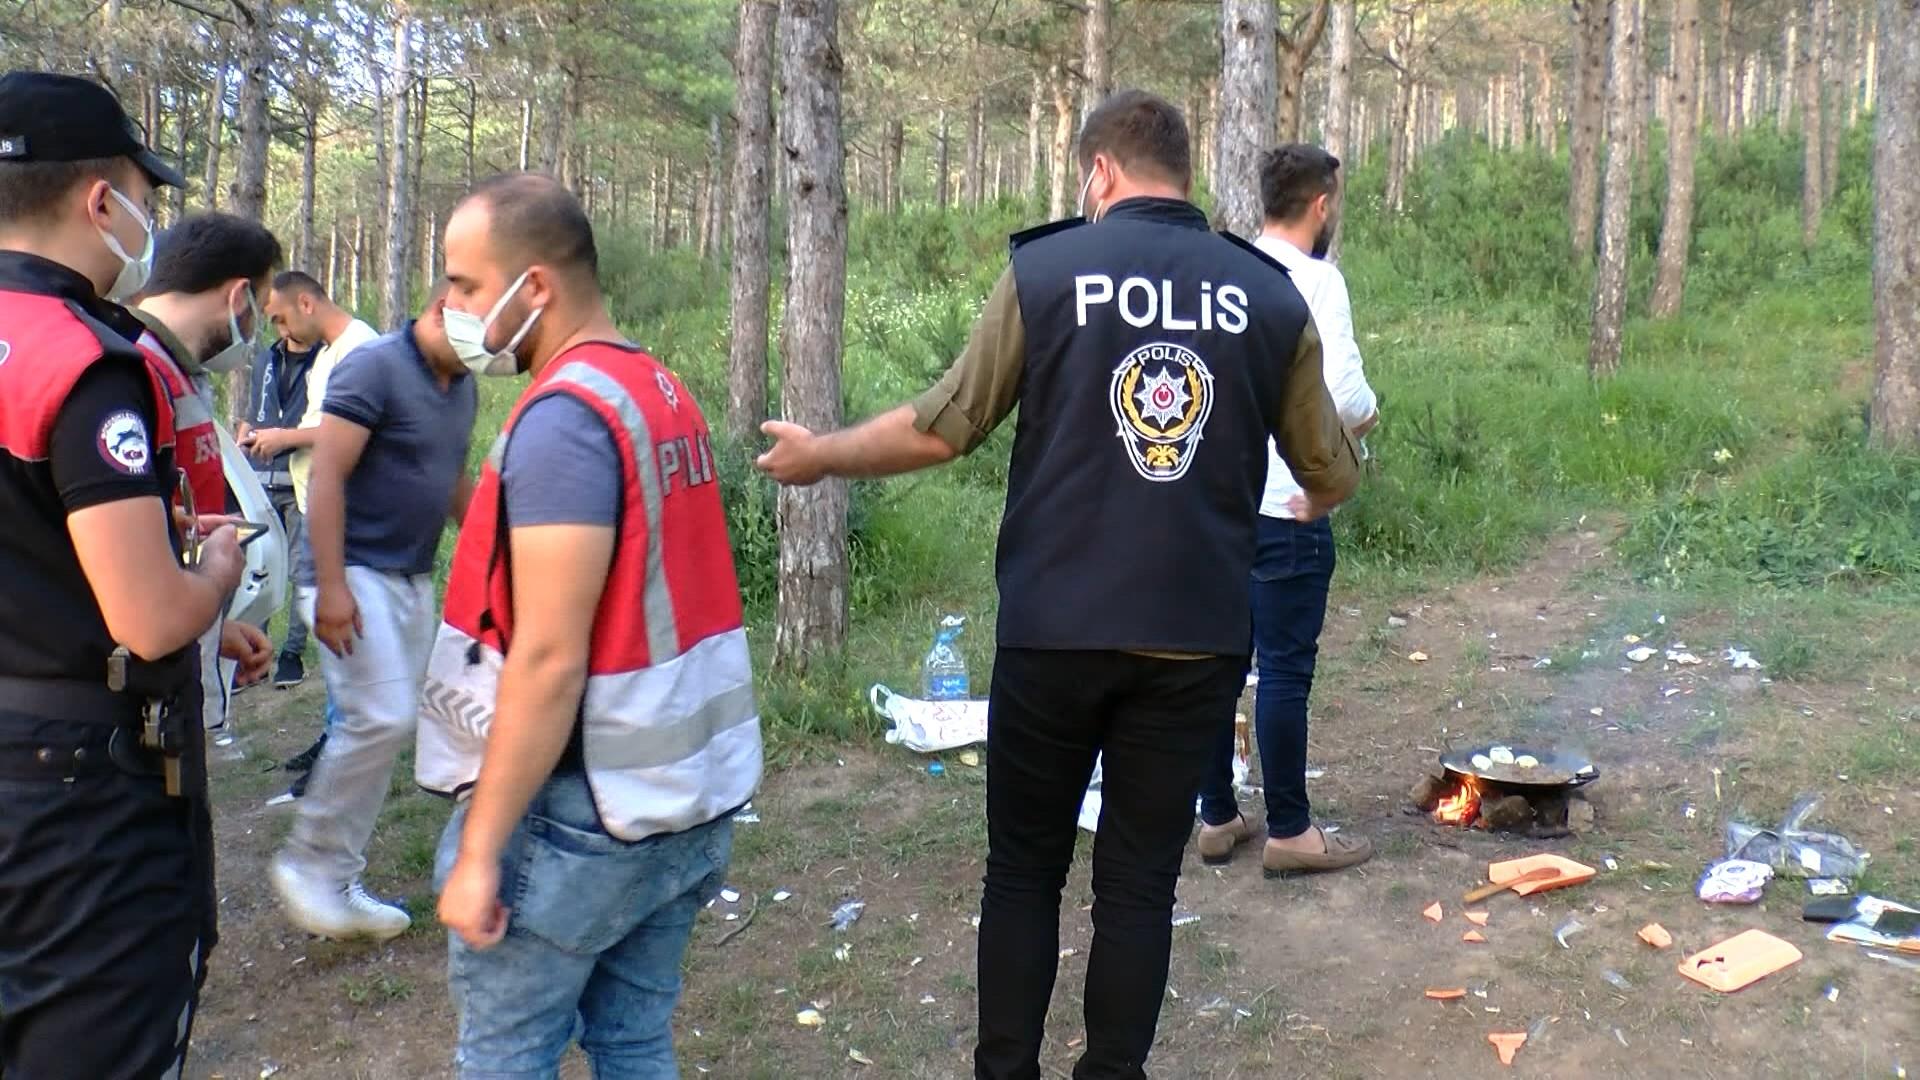 حملة تفتـ .ـيش واسعة في مناطق الغابات والشواطئ بولاية إسطنبول